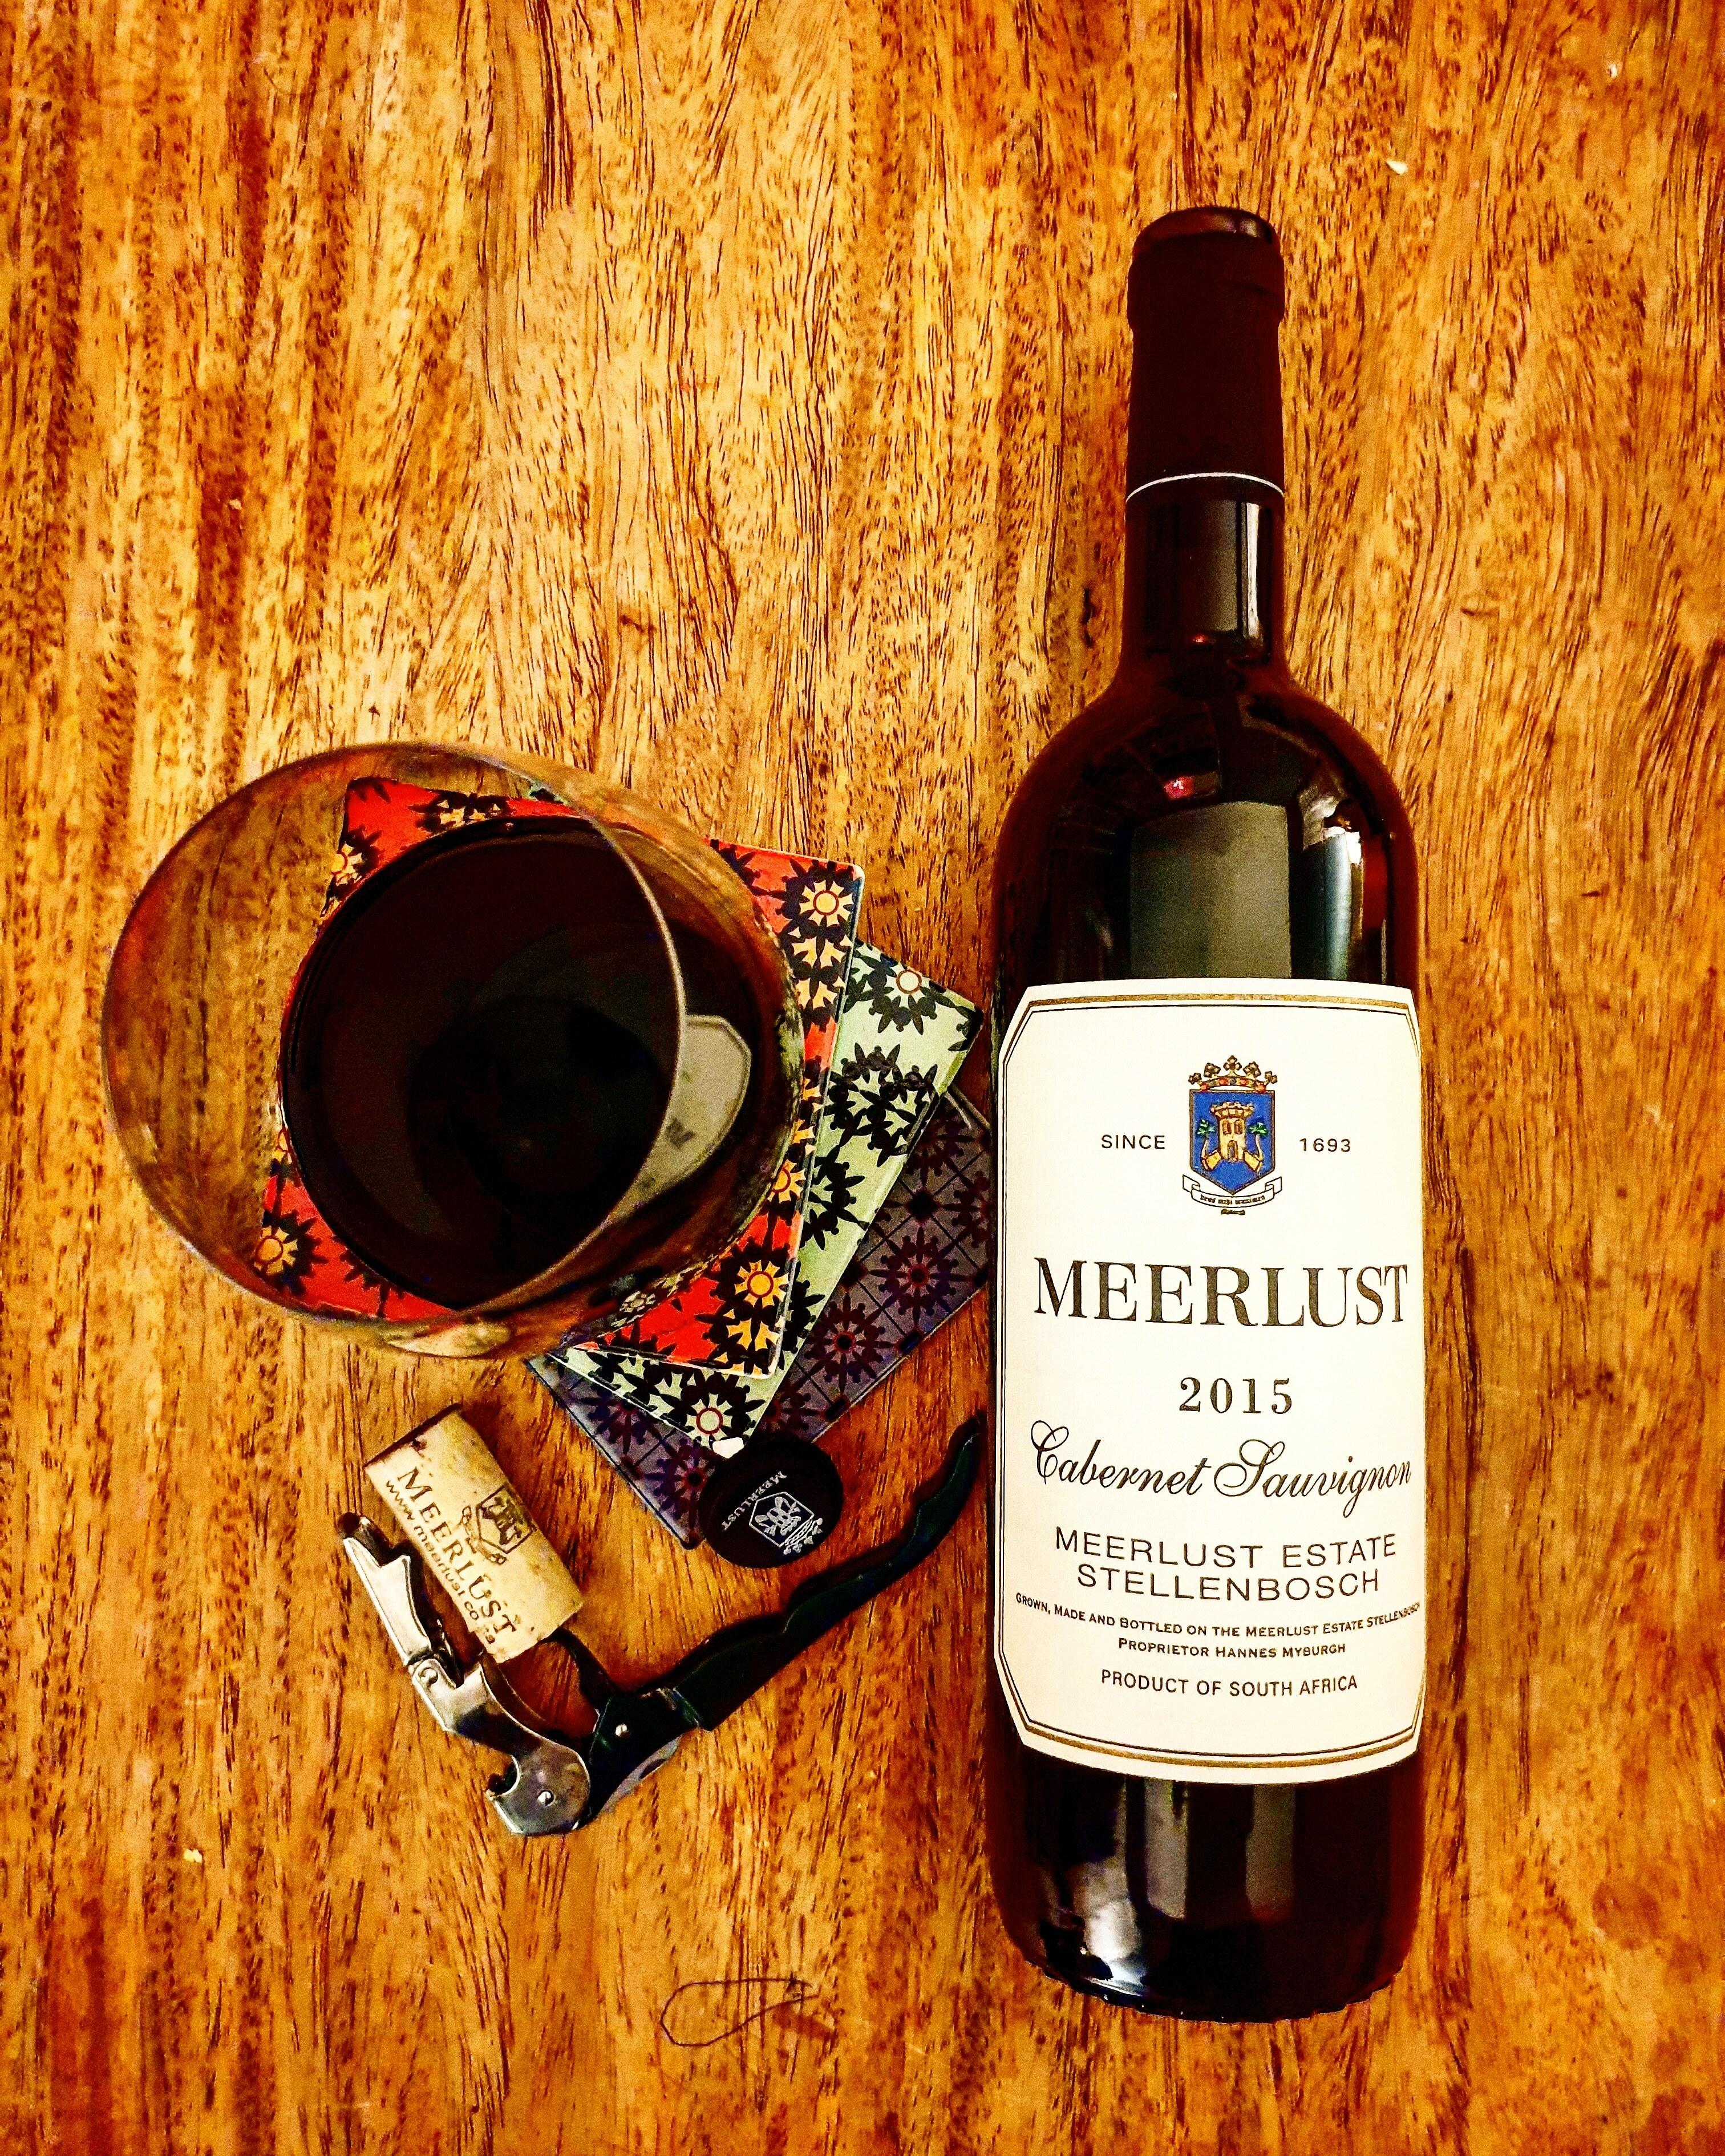 Meerlust Cabernet Sauvignon 2015 00168